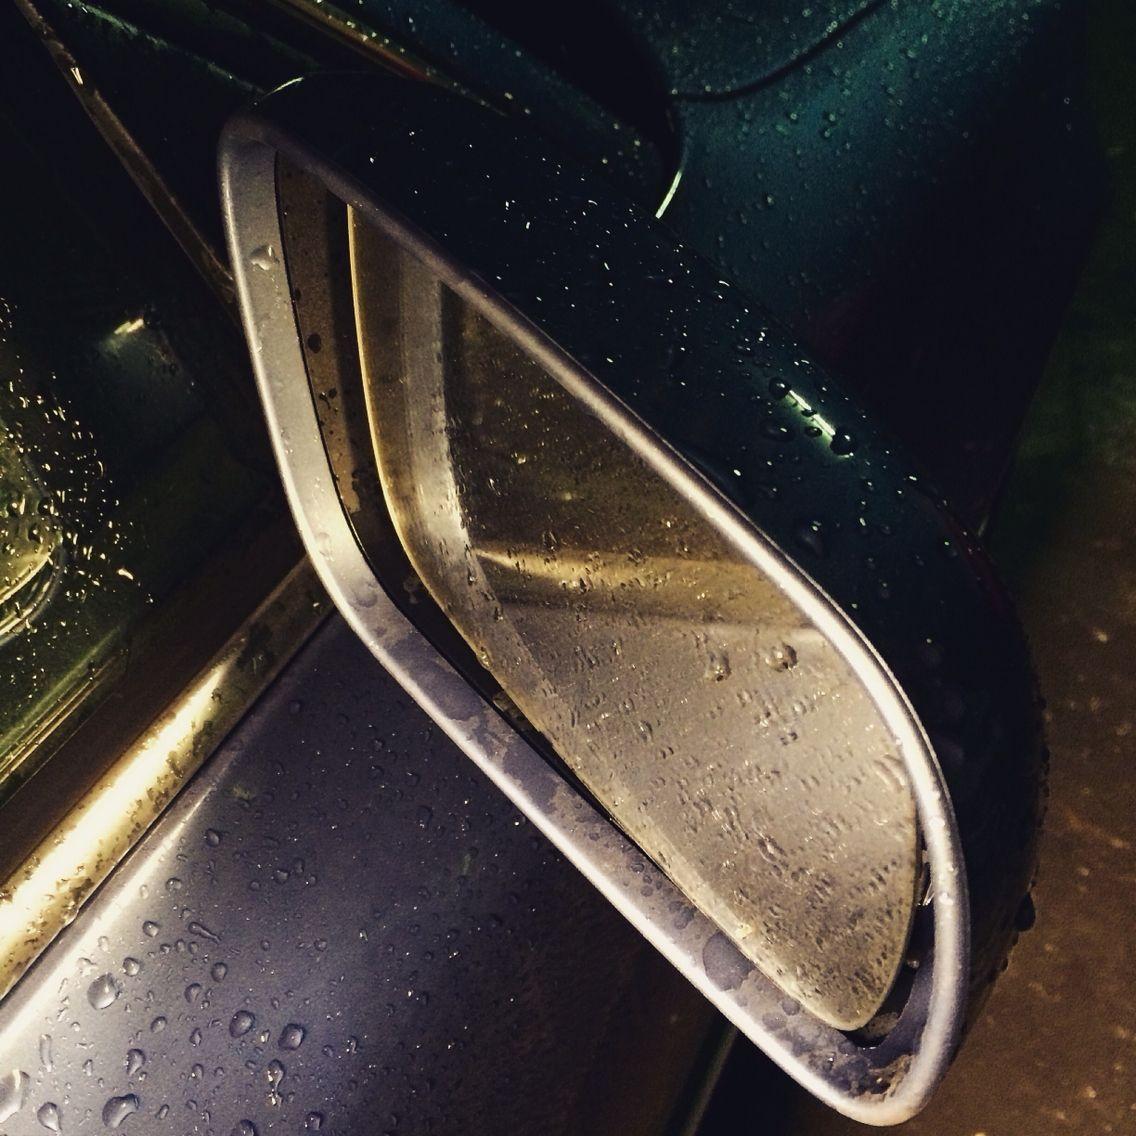 En los días de #lluvia cuidado con adelantar ? La visibilidad se reduce un montón #car #road  & #takecare ##nosvemosenlastiendas #espejoretrovisor by #simbiosc #simbiosctv